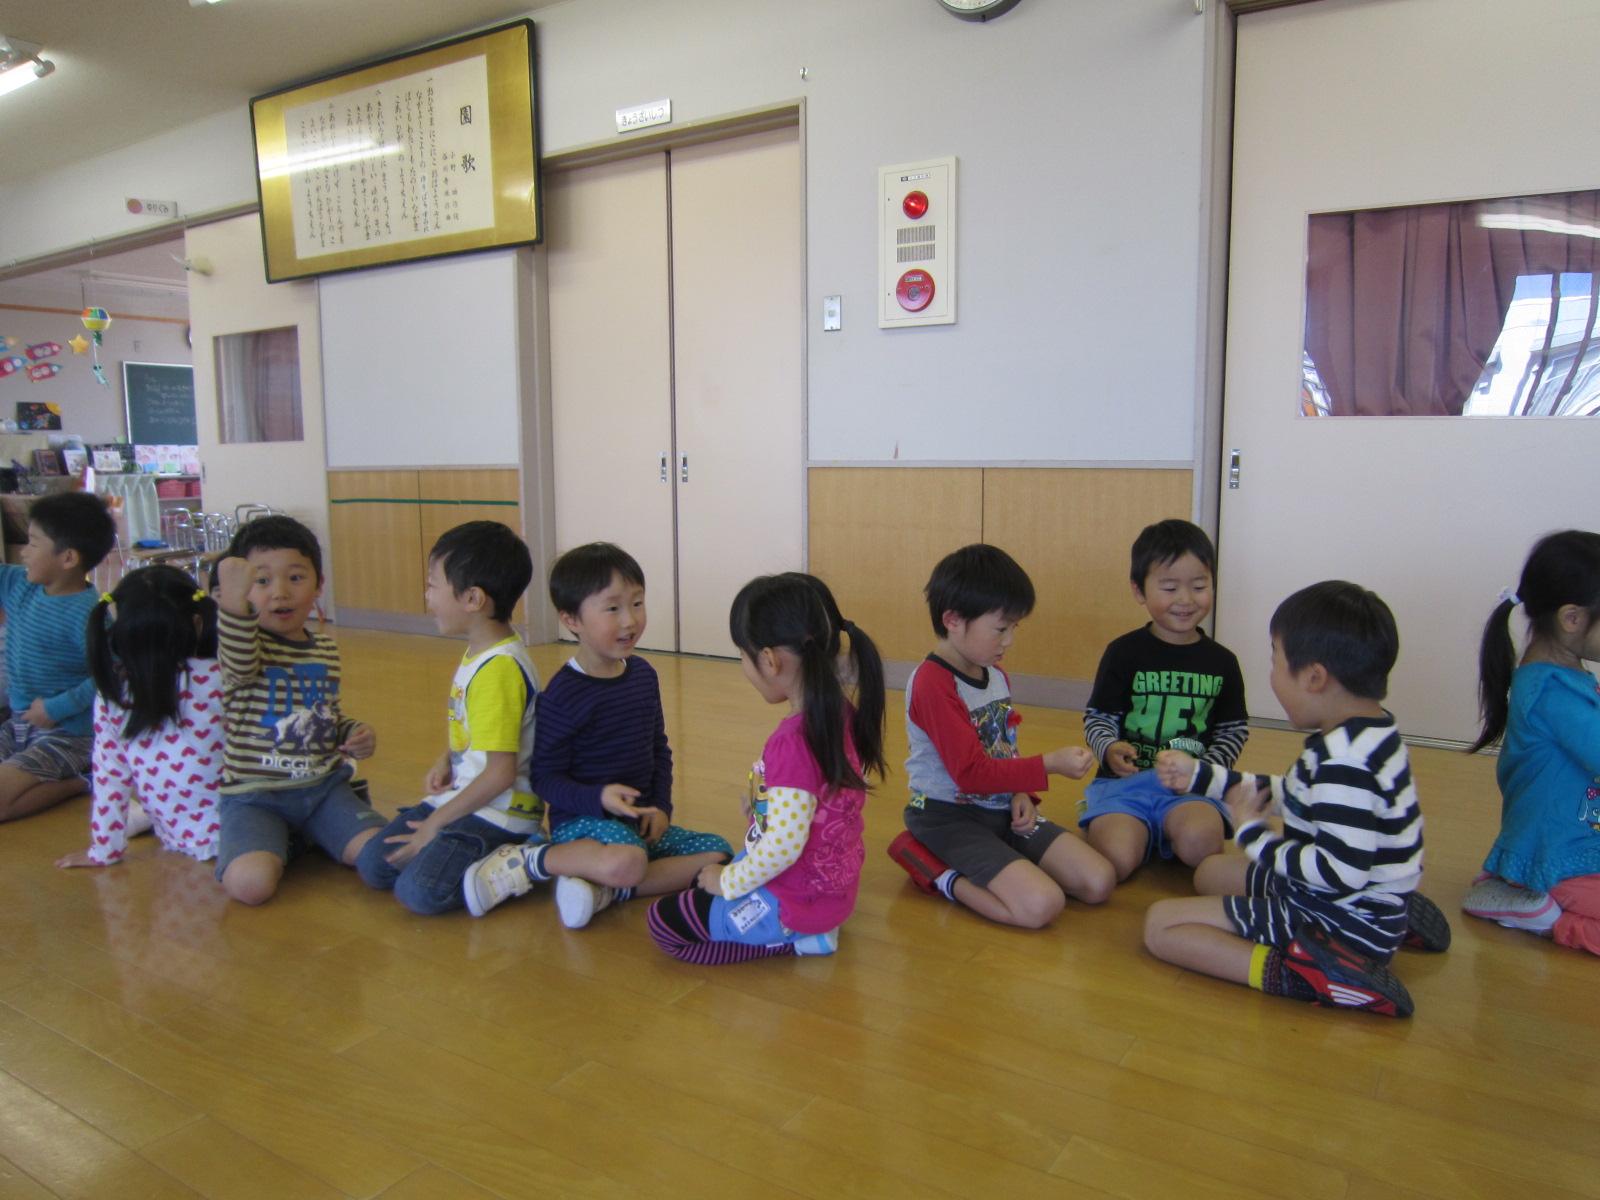 小合東幼稚園に行ってきました!_a0180348_18542124.jpg